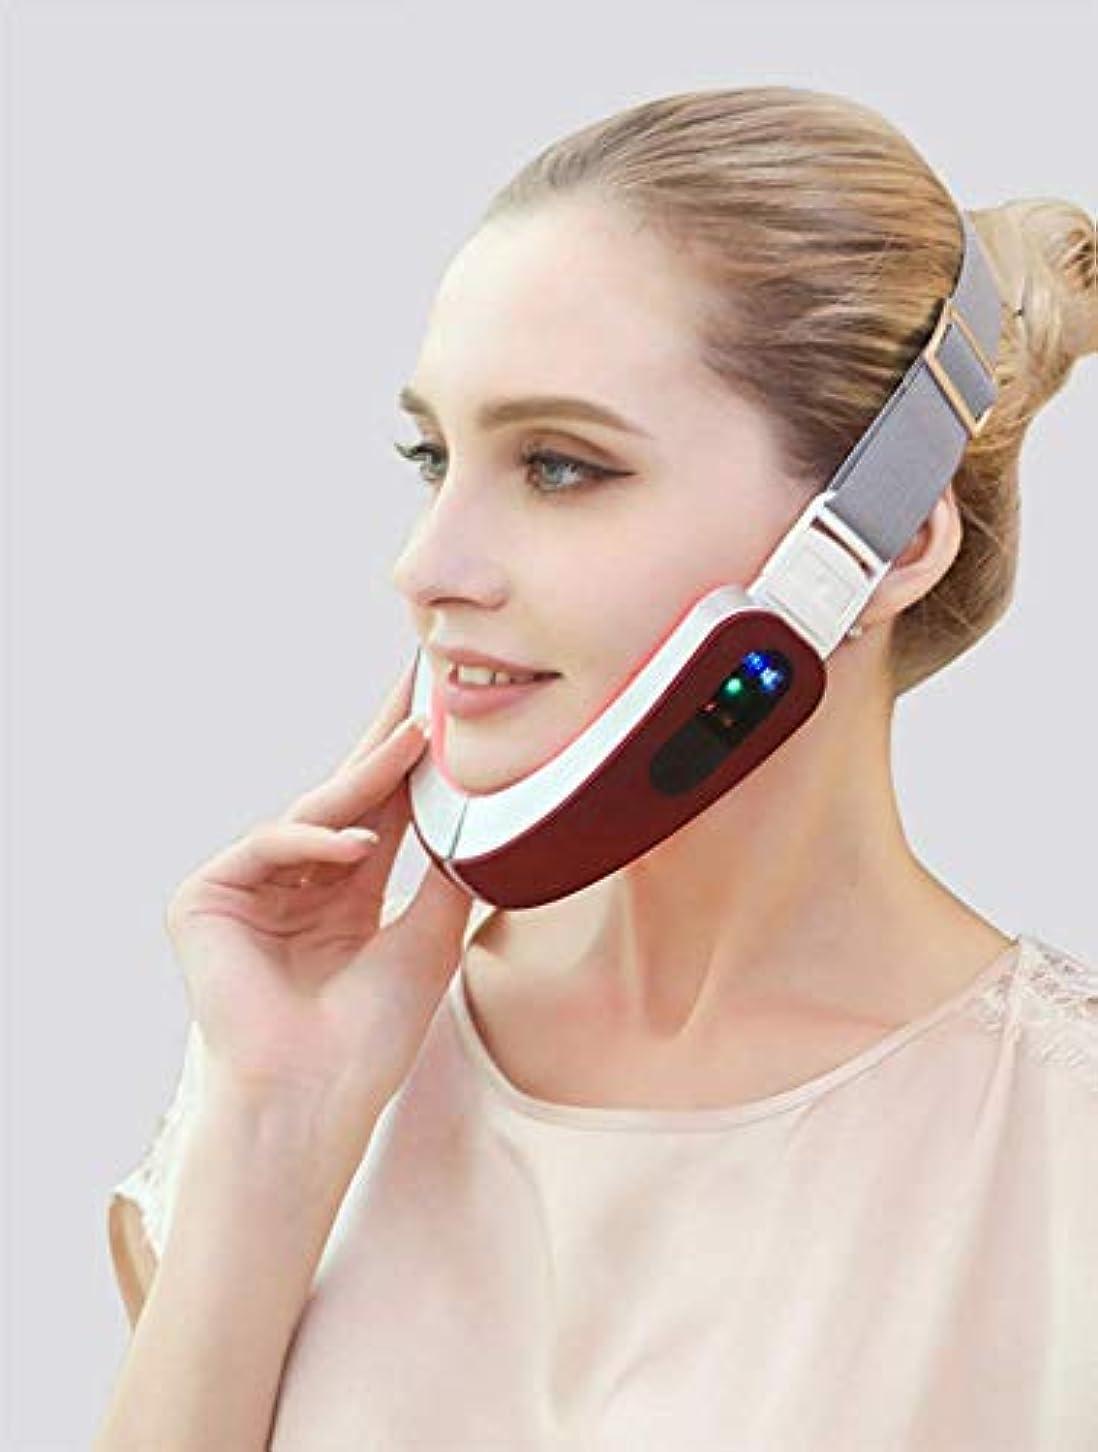 アレンジ視聴者気分が良いLquide Mart Voice Thin Face Artifact Small V Face Bandage Firming Facial Beauty Bar Rejuvenation Massage Instrument Magnetic Therapy